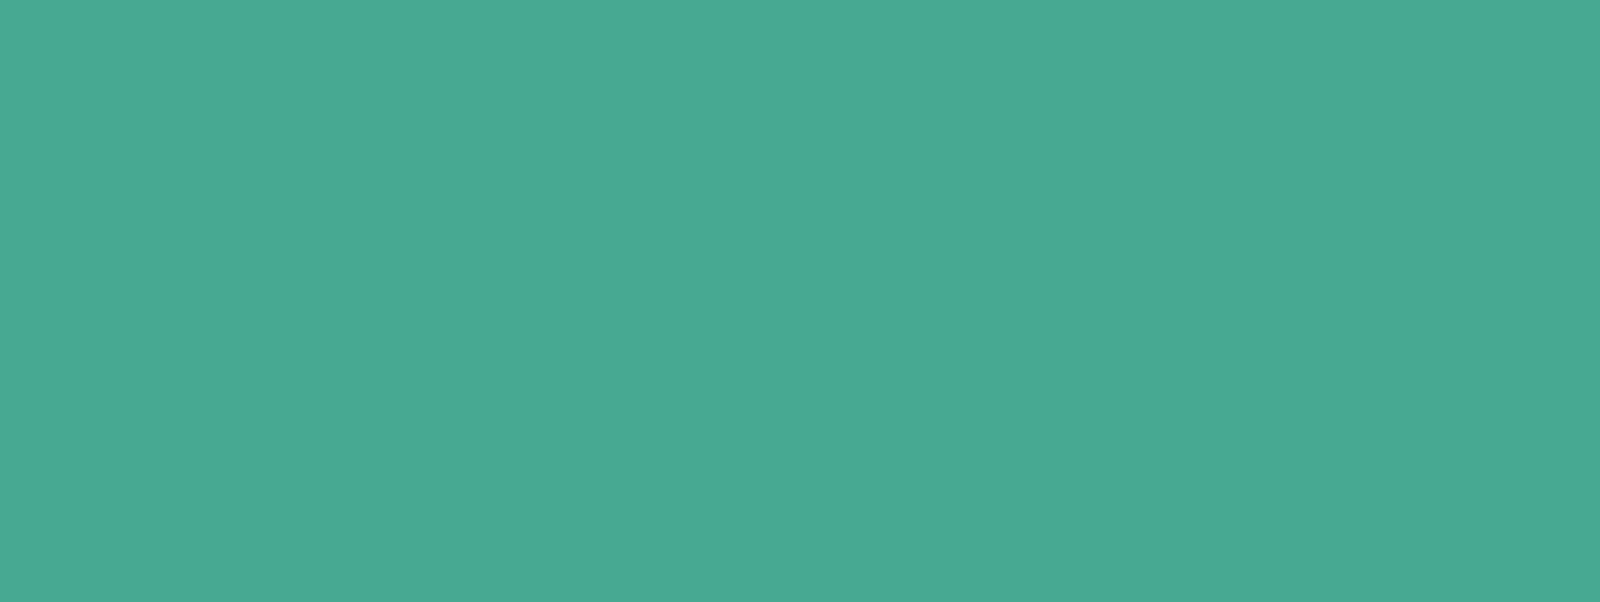 osteoplus-hintergrund